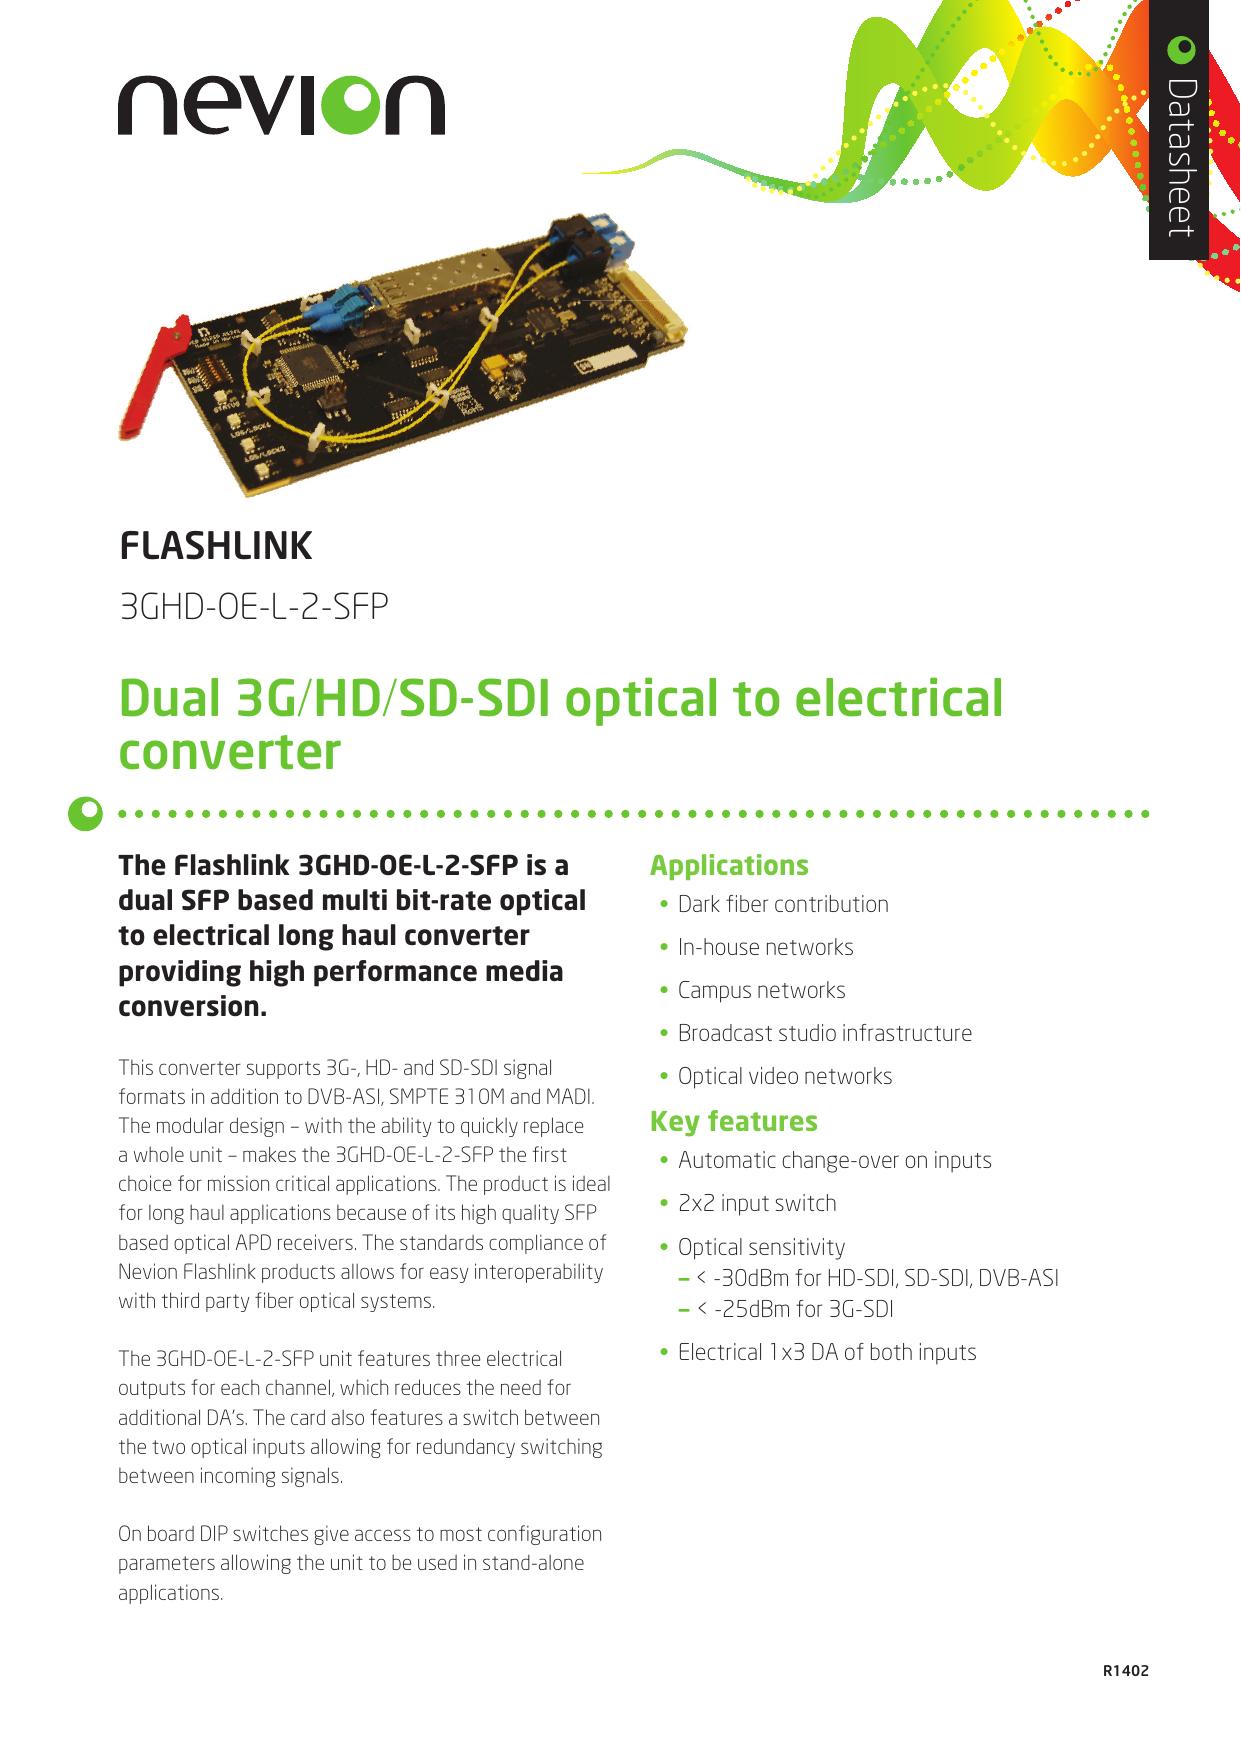 Dual 3G/HD/SD-SDI optical to electrical converter | manualzz com